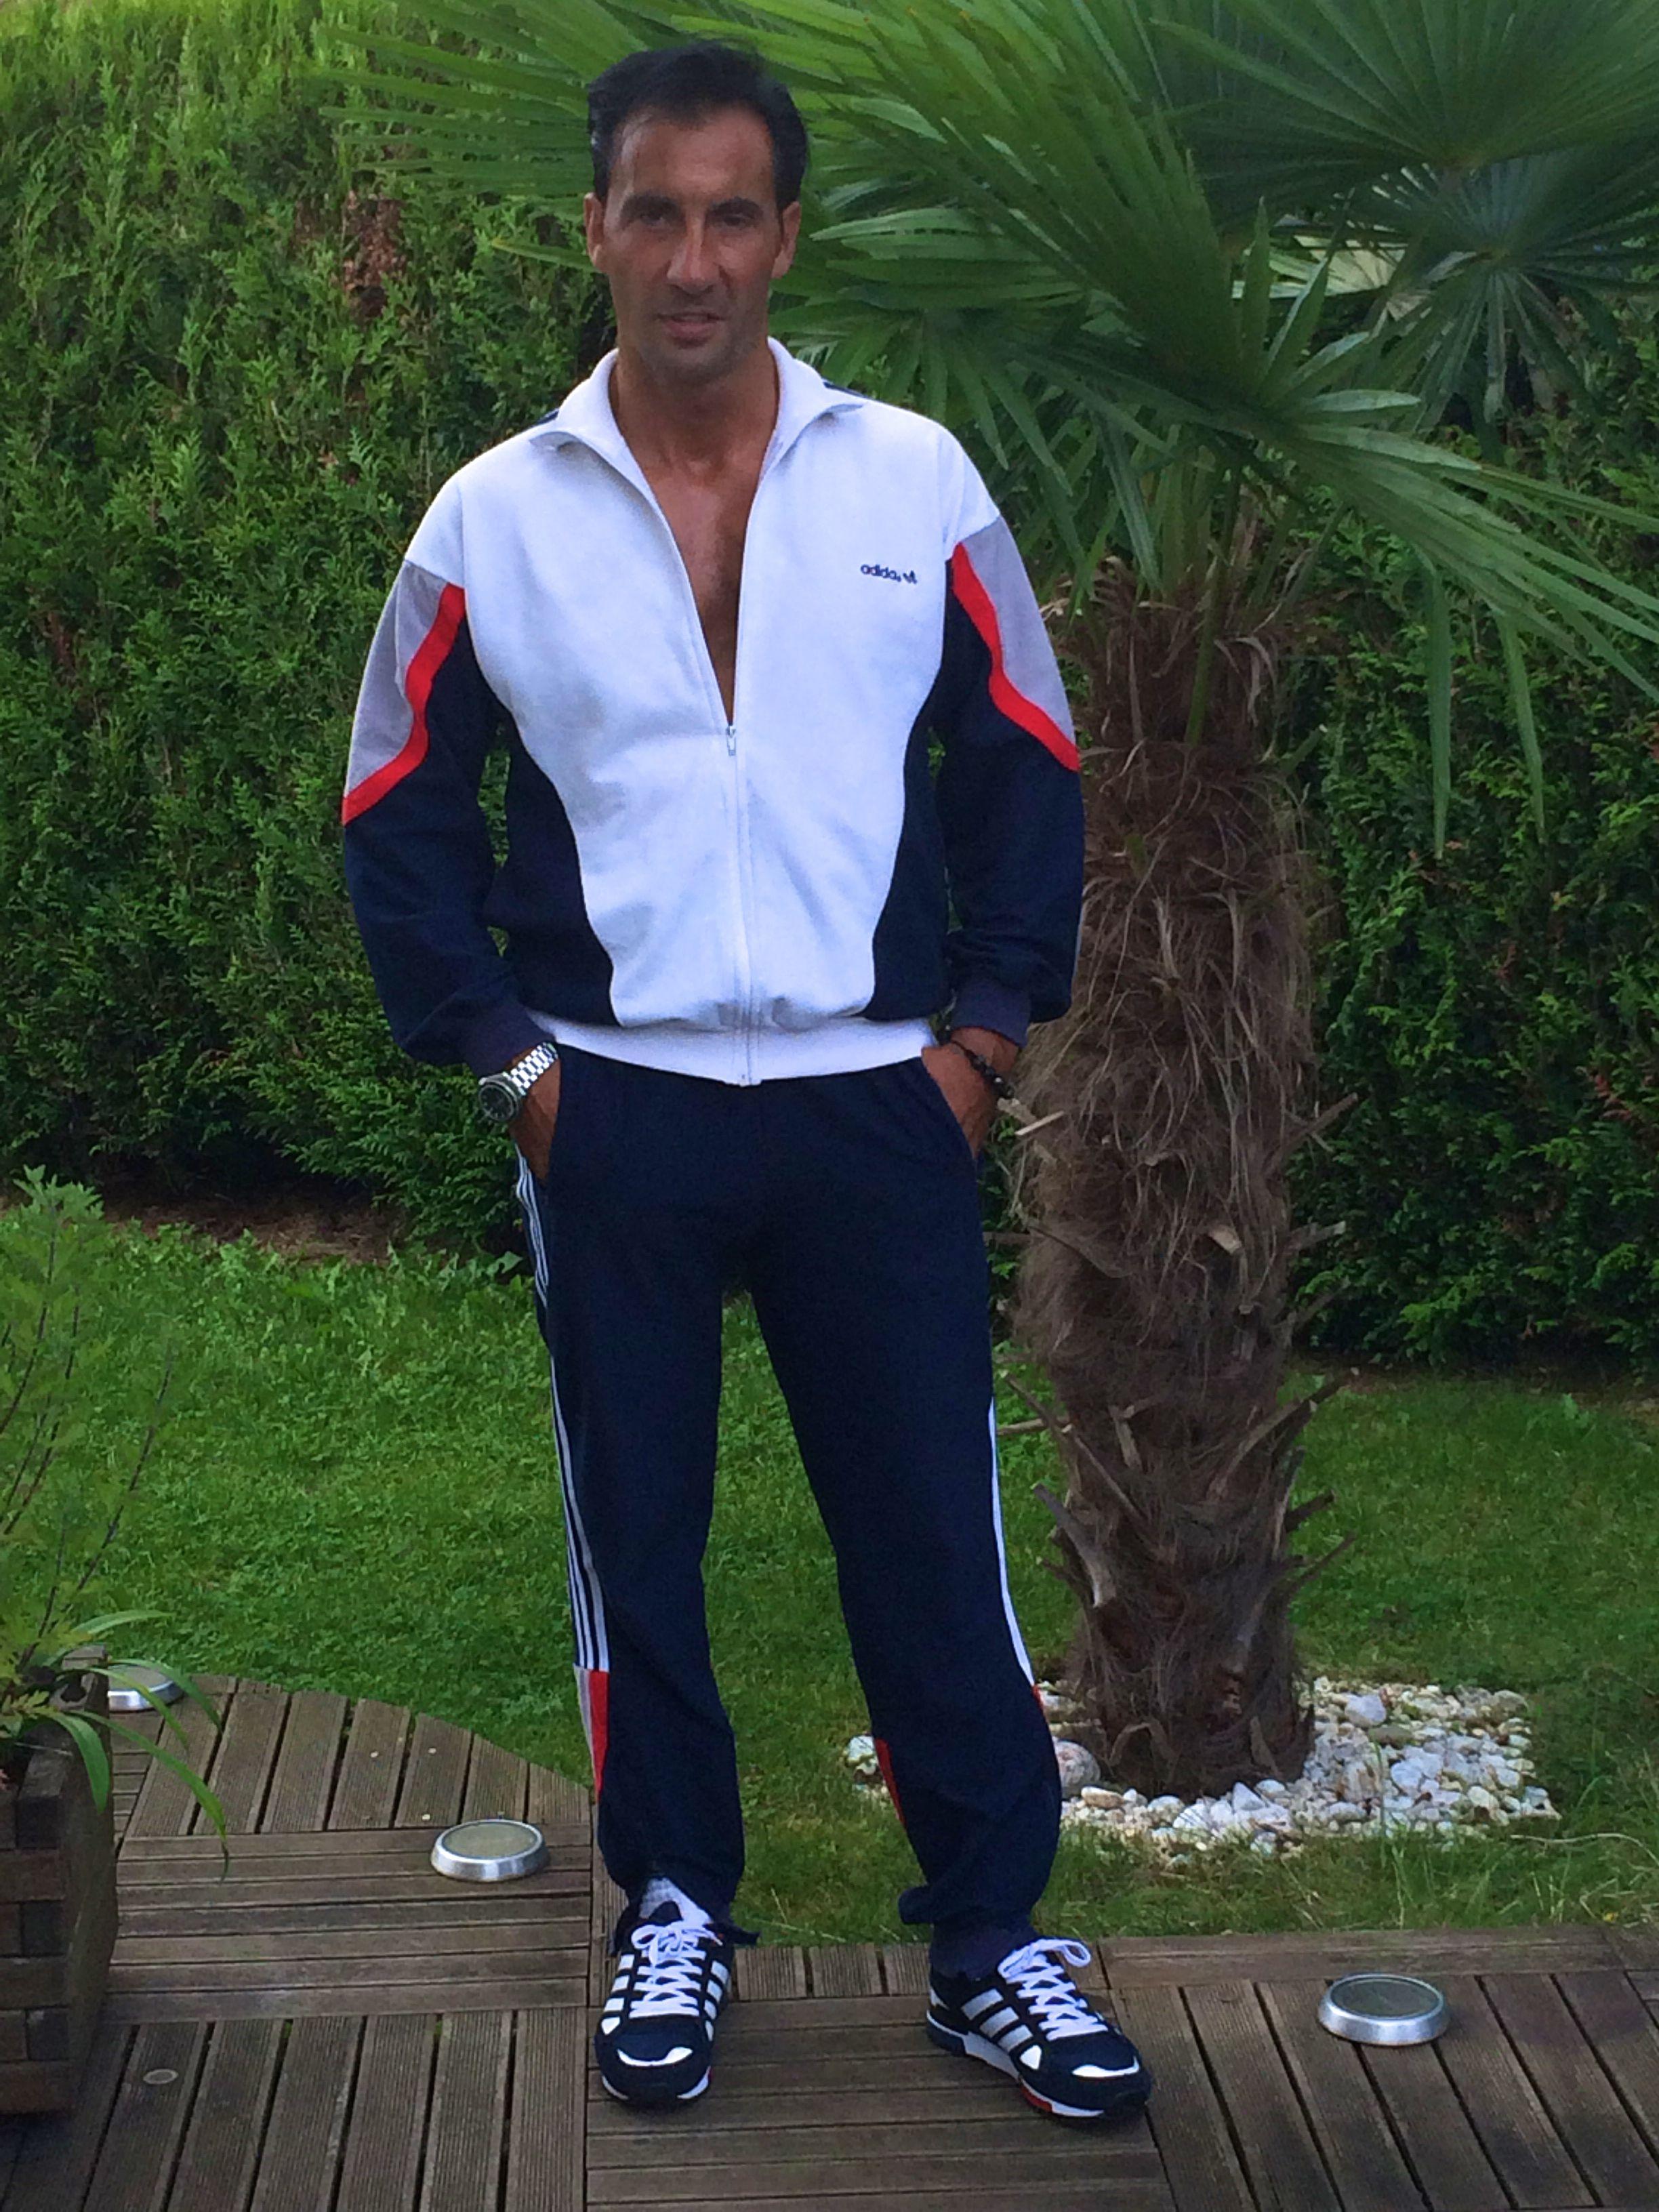 Adidas LASER, vintage ! Survetement, Survêtement adidas Survetement, Survêtement adidas